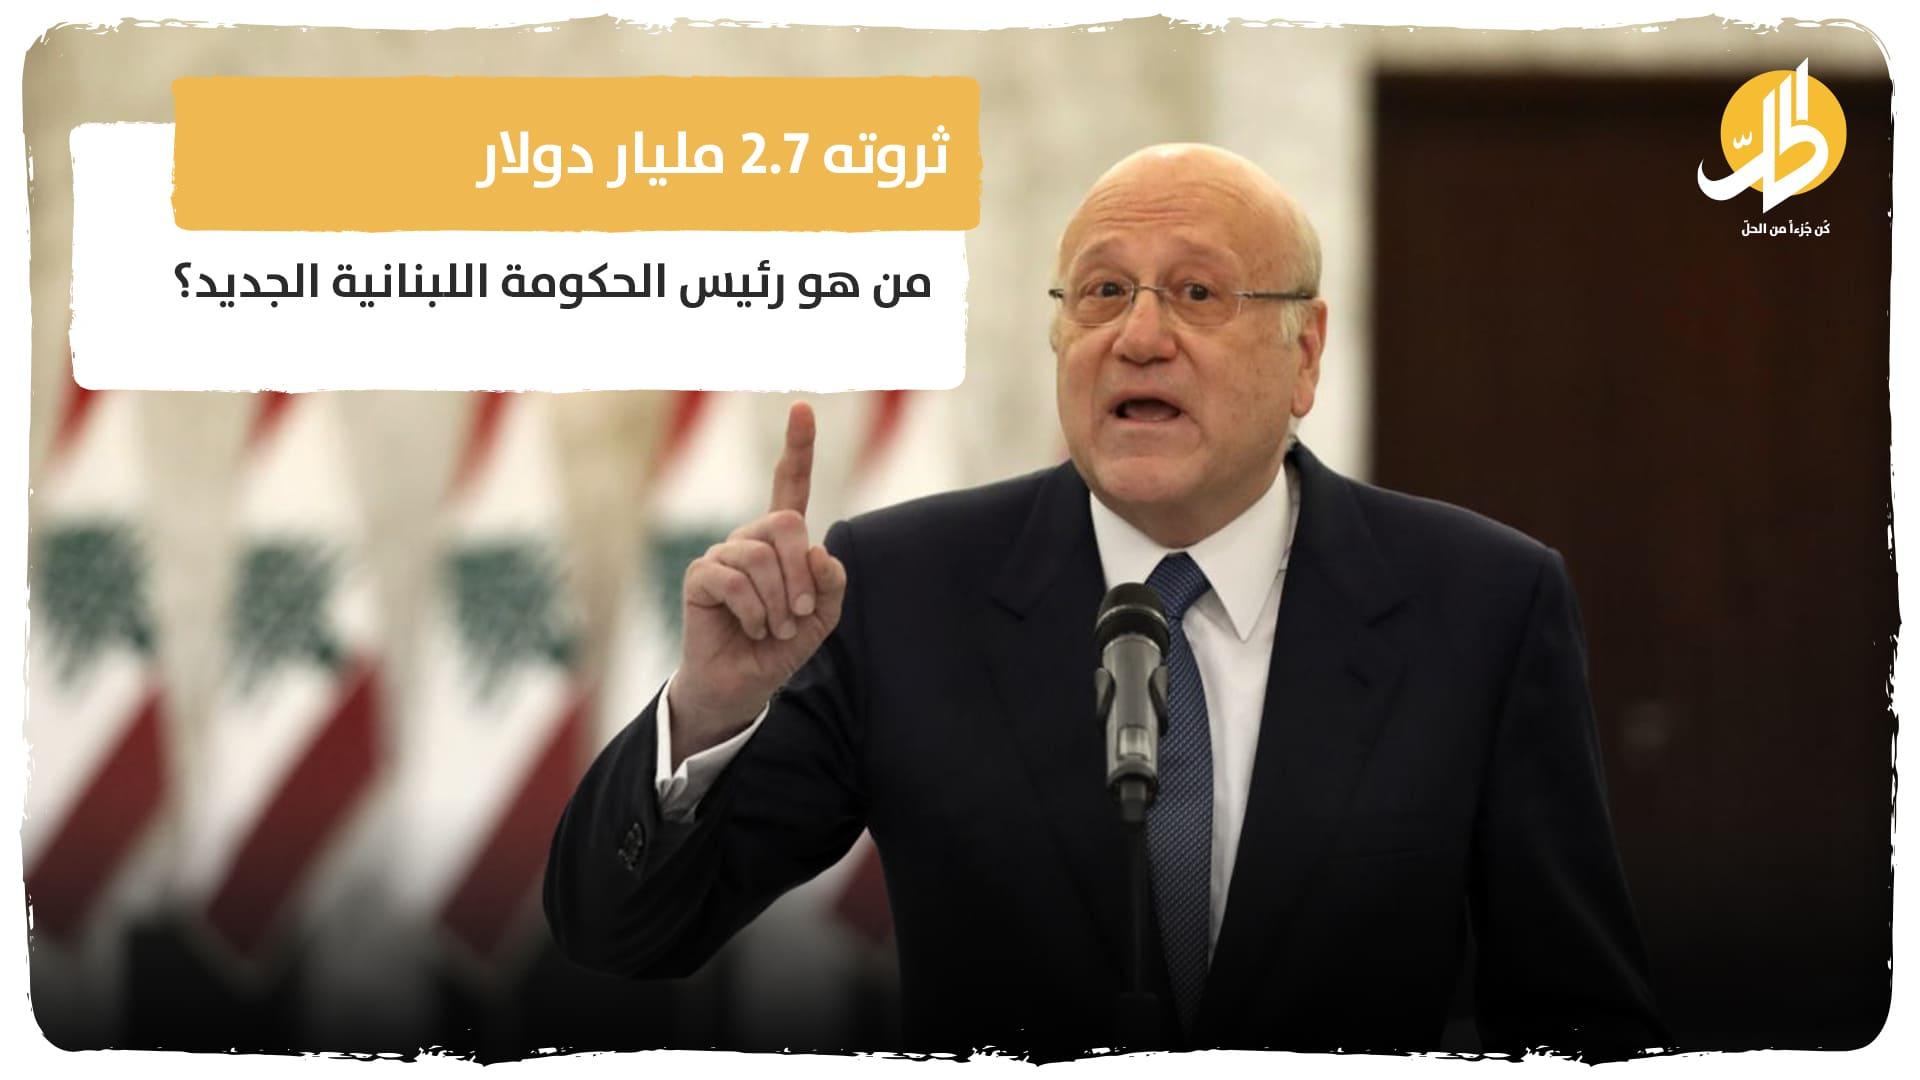 ثروته 2.7 مليار دولار.. من هو رئيس الحكومة اللبنانية الجديد؟